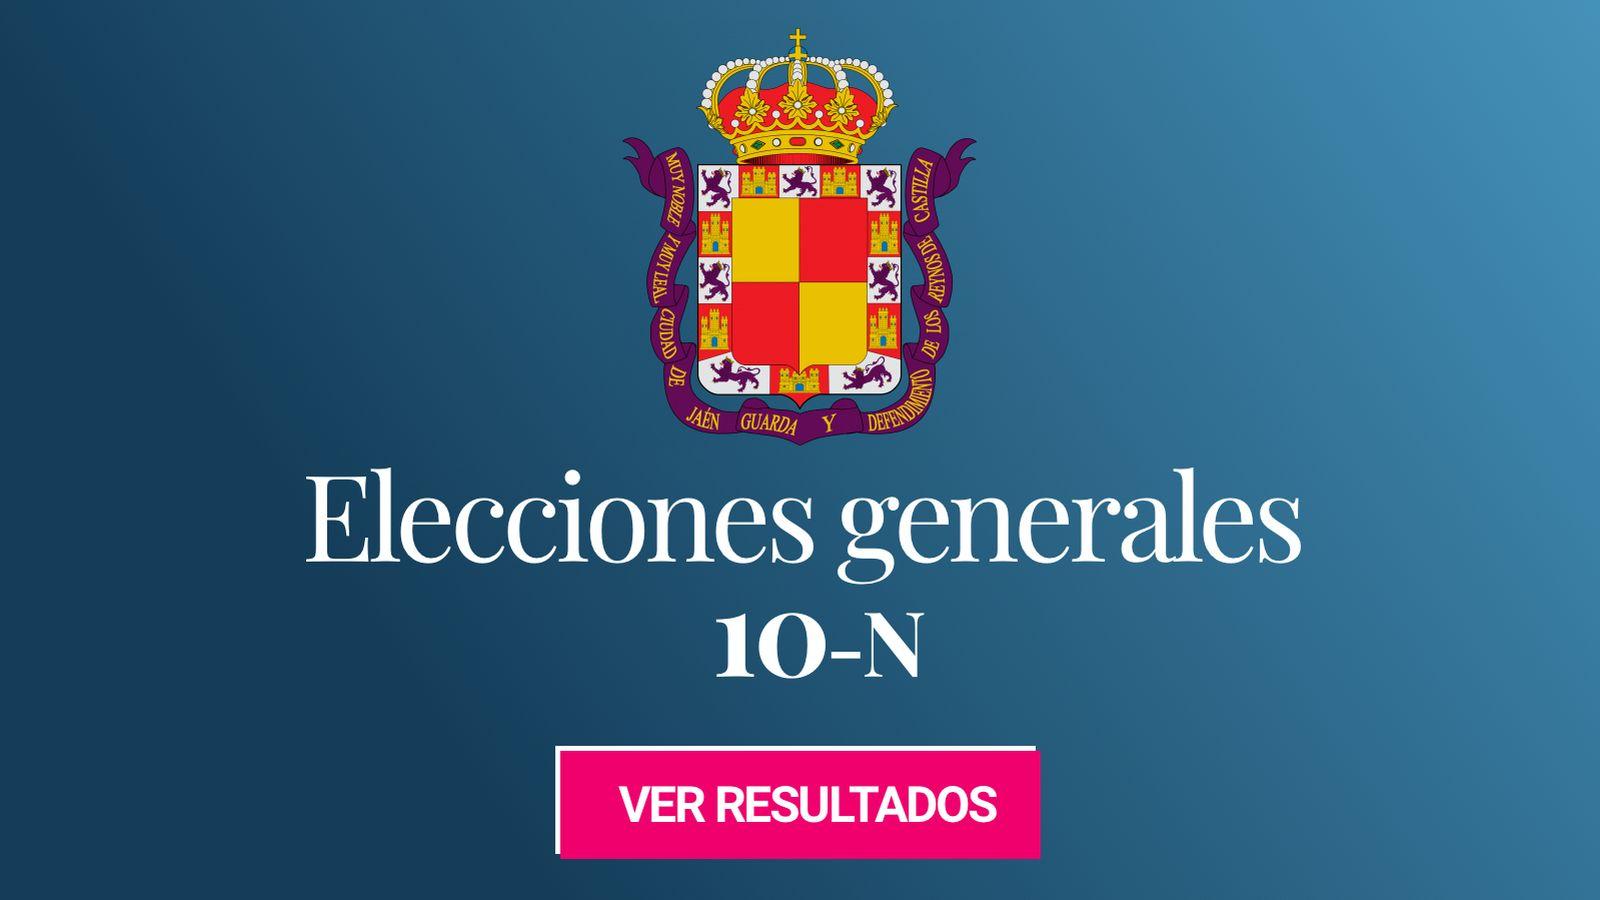 Foto: Elecciones generales 2019 en Jaén. (C.C./EC)